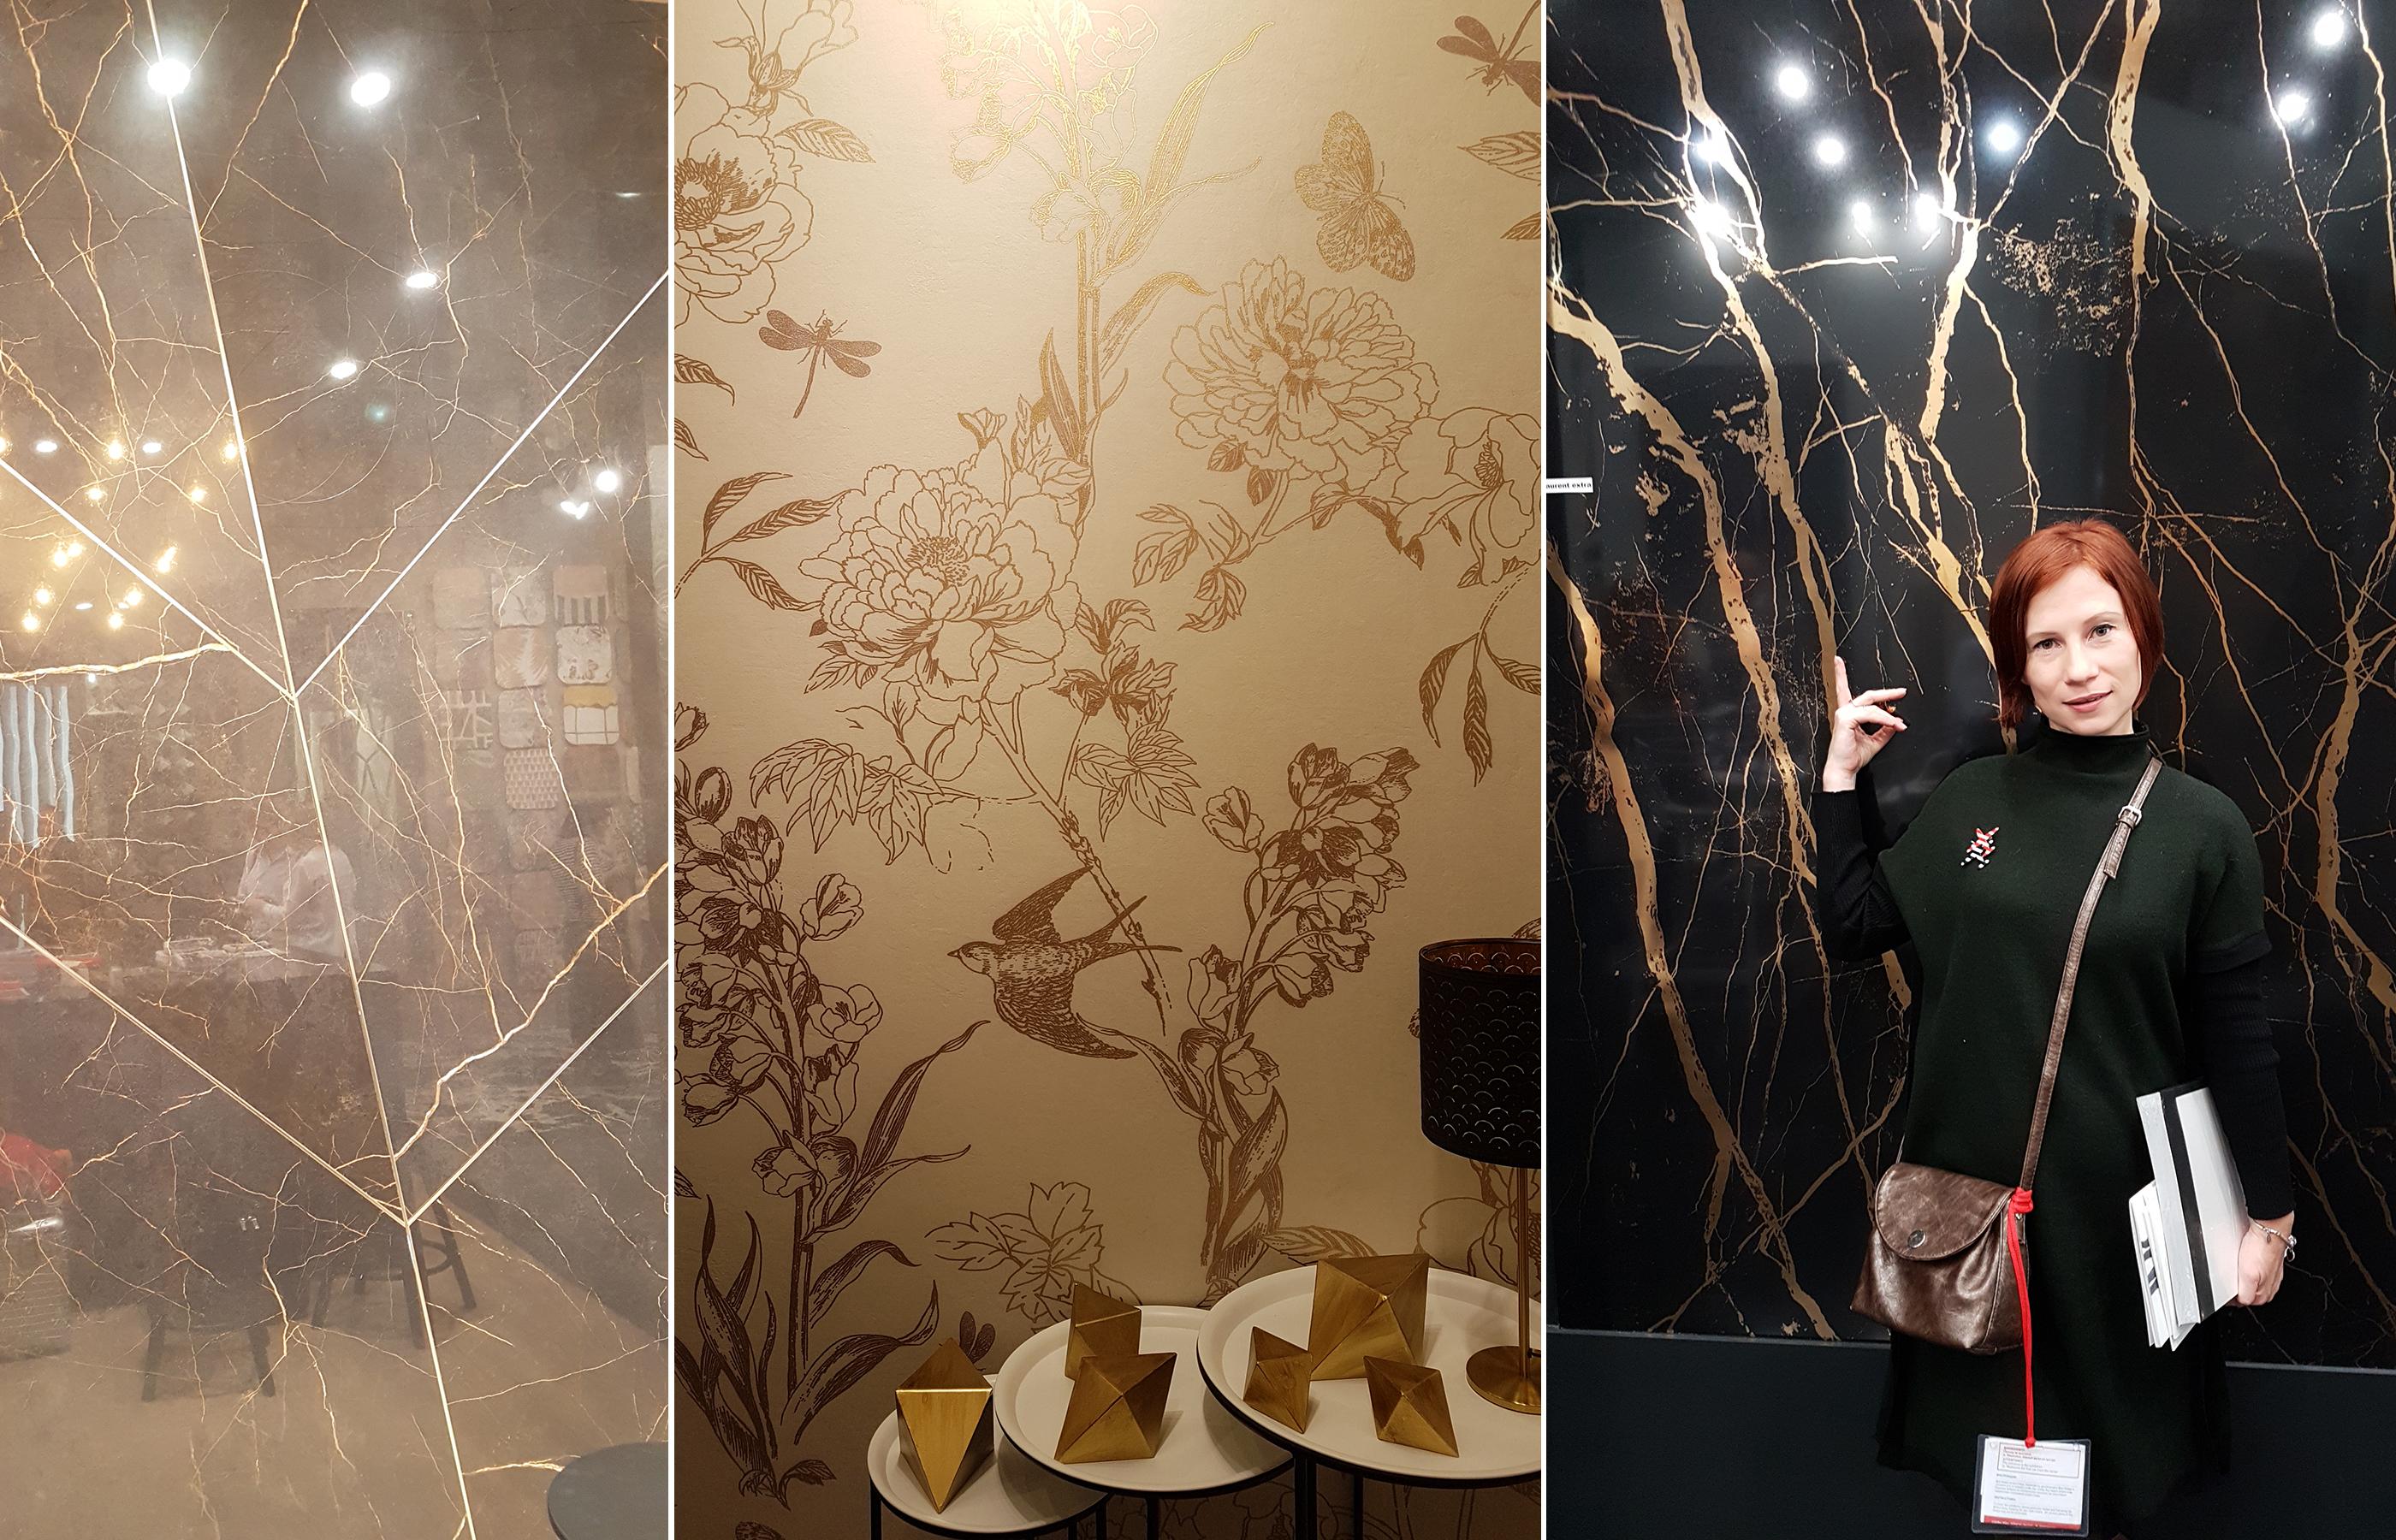 Керамогранит крупного формата, с необычной фактурой, может стать настоящим украшением для дизайна интерьера гостиной